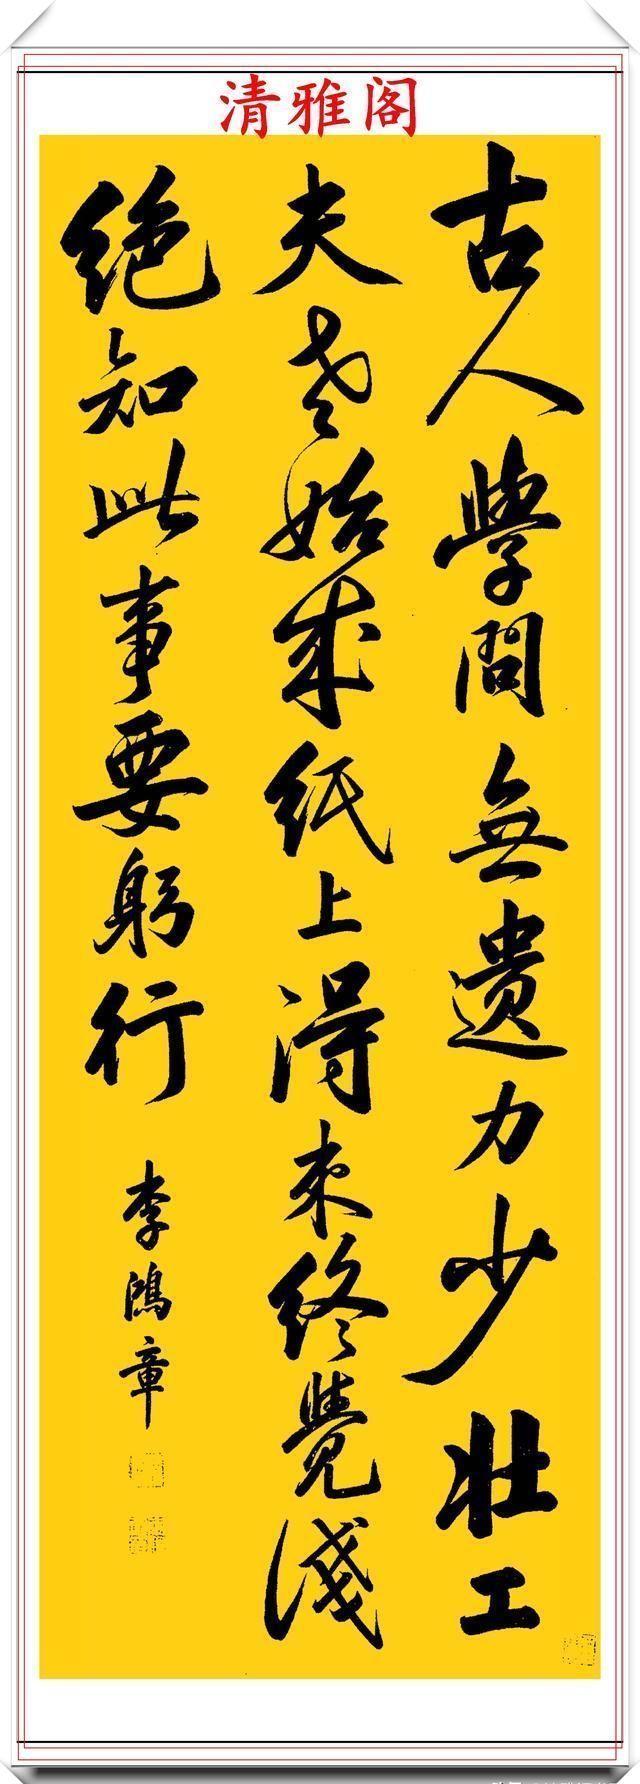 晚清名臣李鸿章,12幅行书真迹欣赏,行笔老辣俊俏,结体遒劲自然